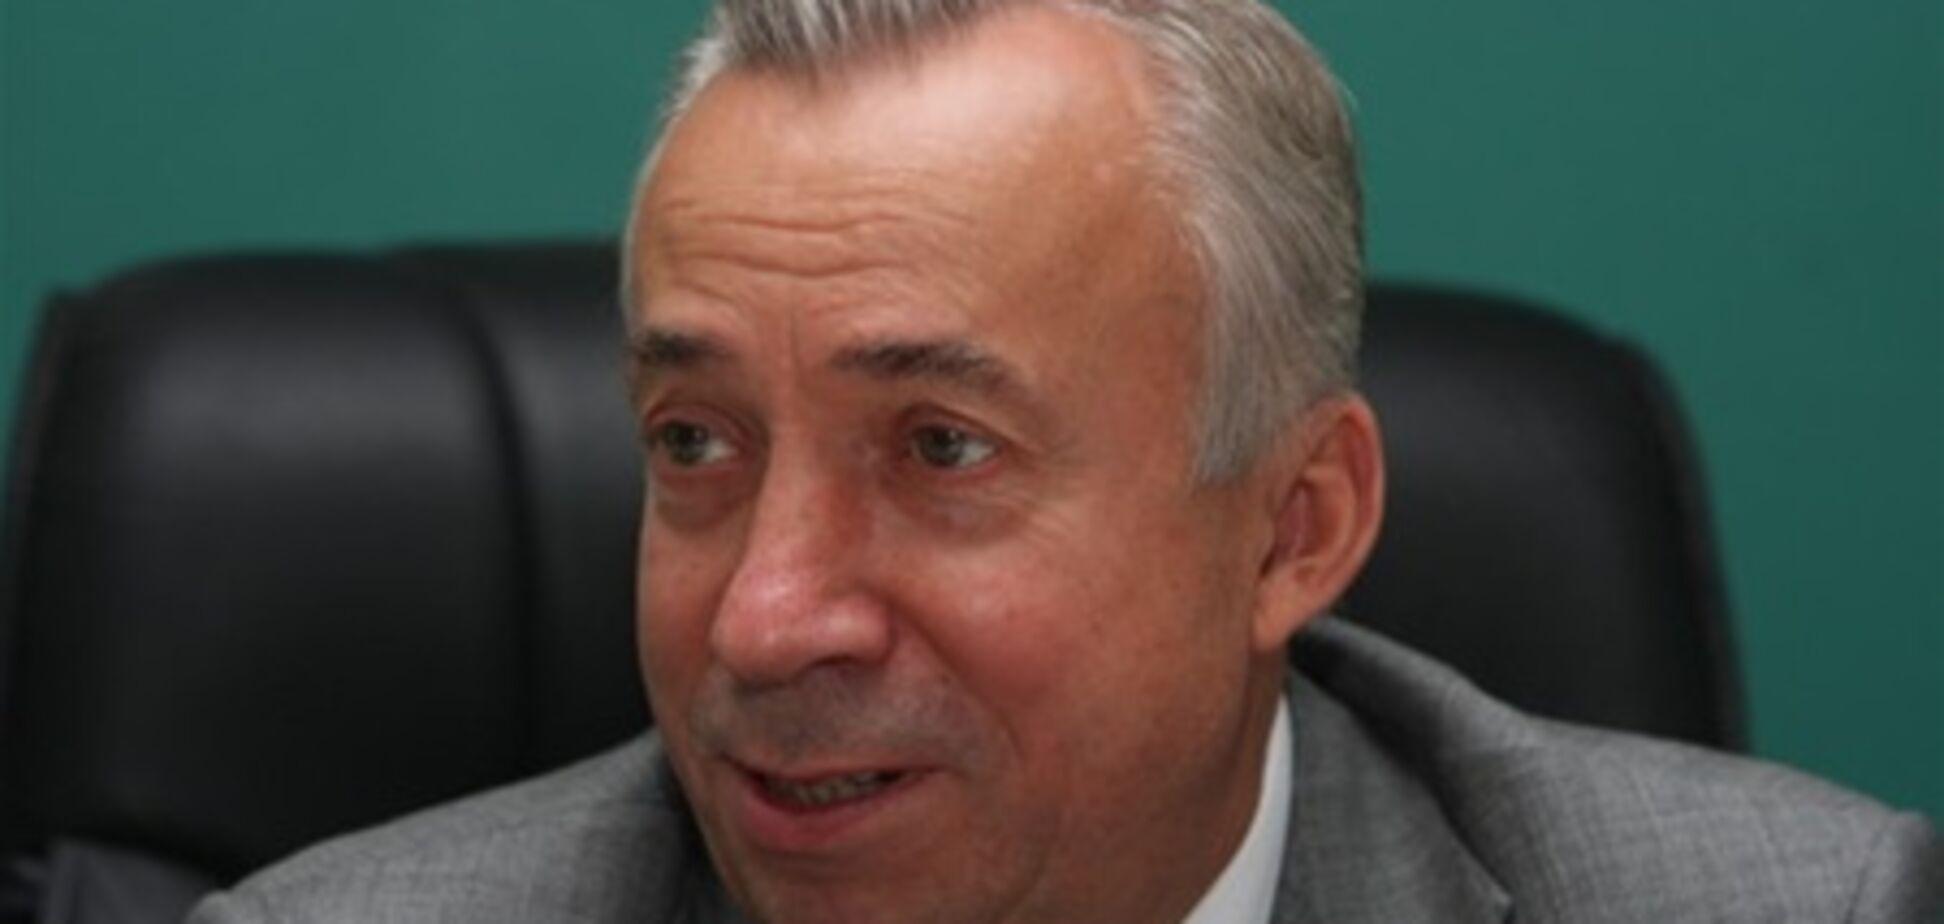 Переход на уголь вызовет экологическую катастрофу - мэр Донецка